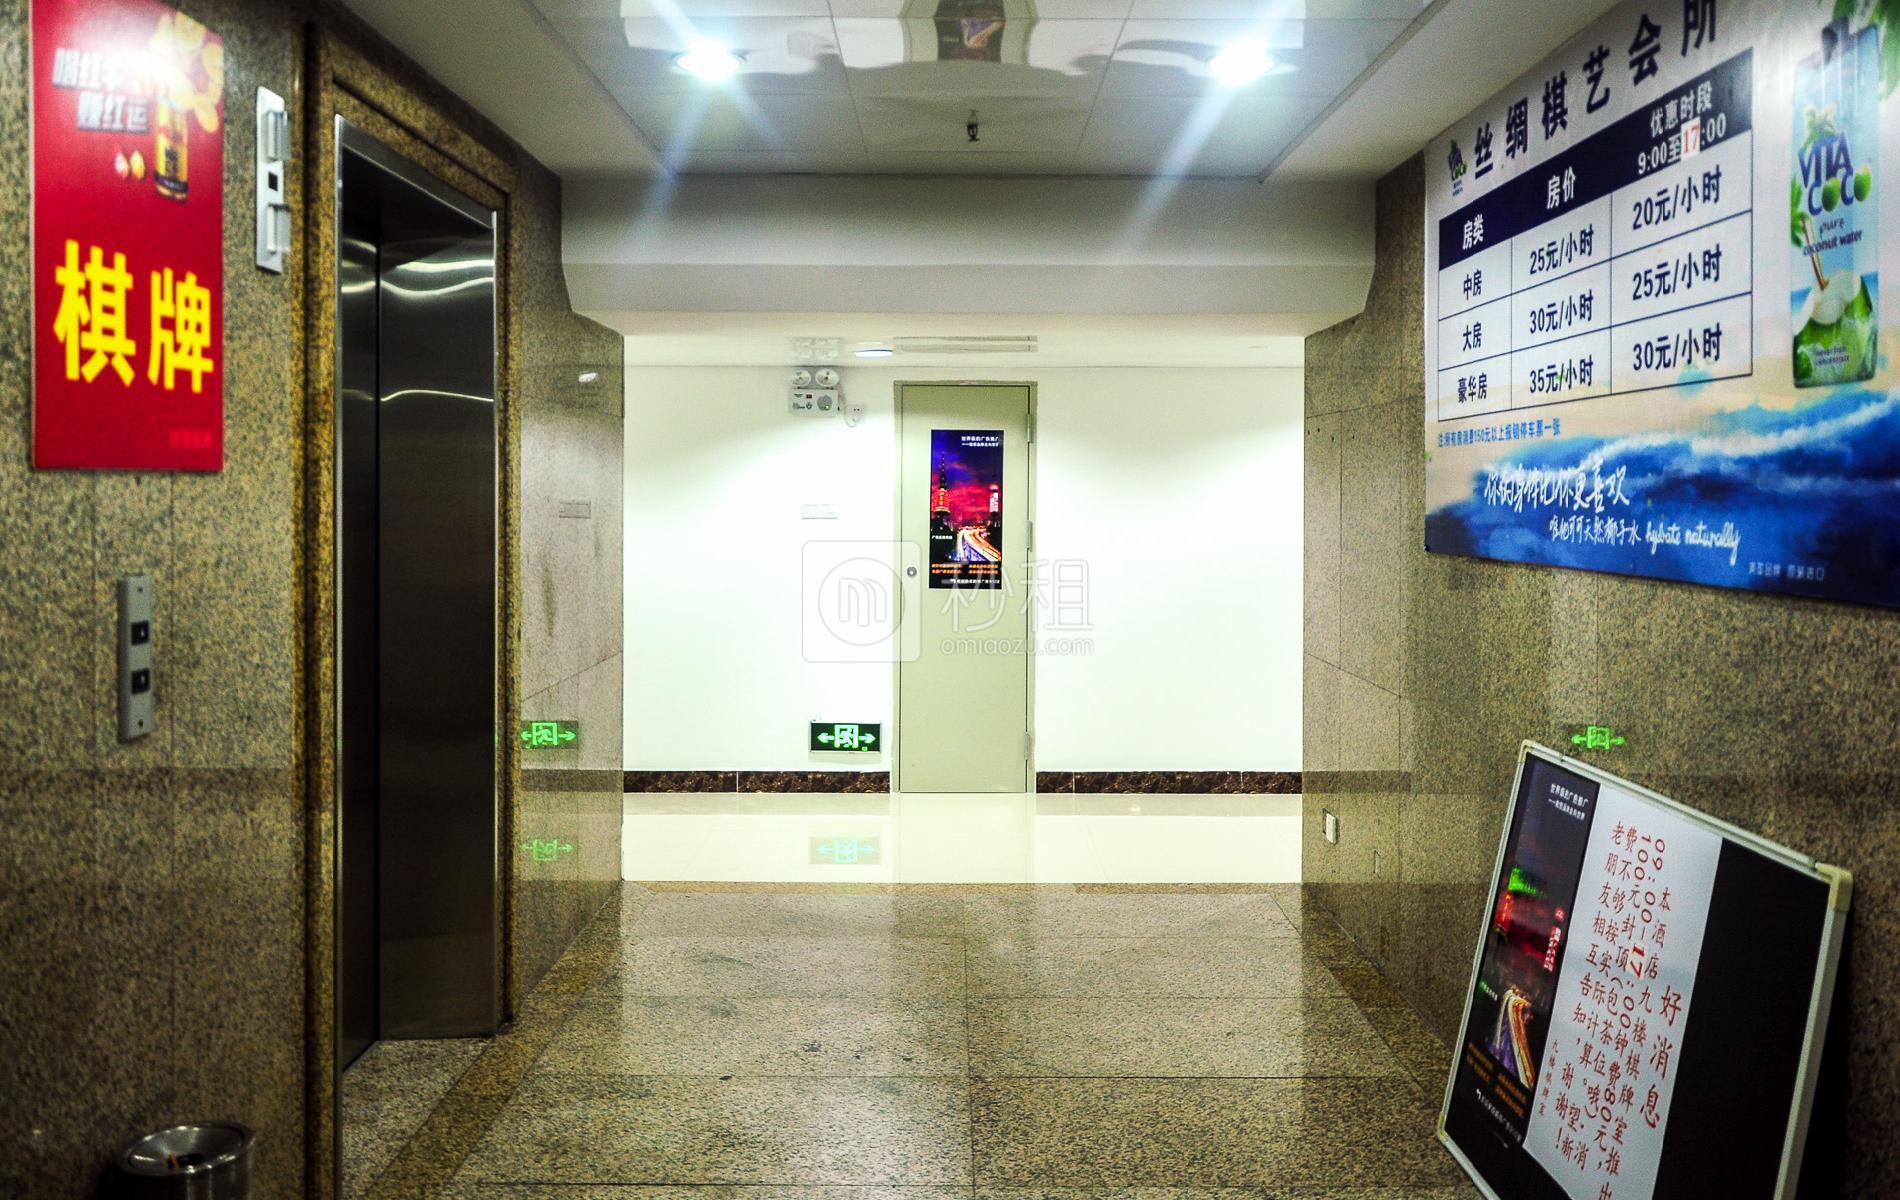 东方丝绸大酒店写字楼出租/招租/租赁,东方丝绸大酒店办公室出租/招租/租赁